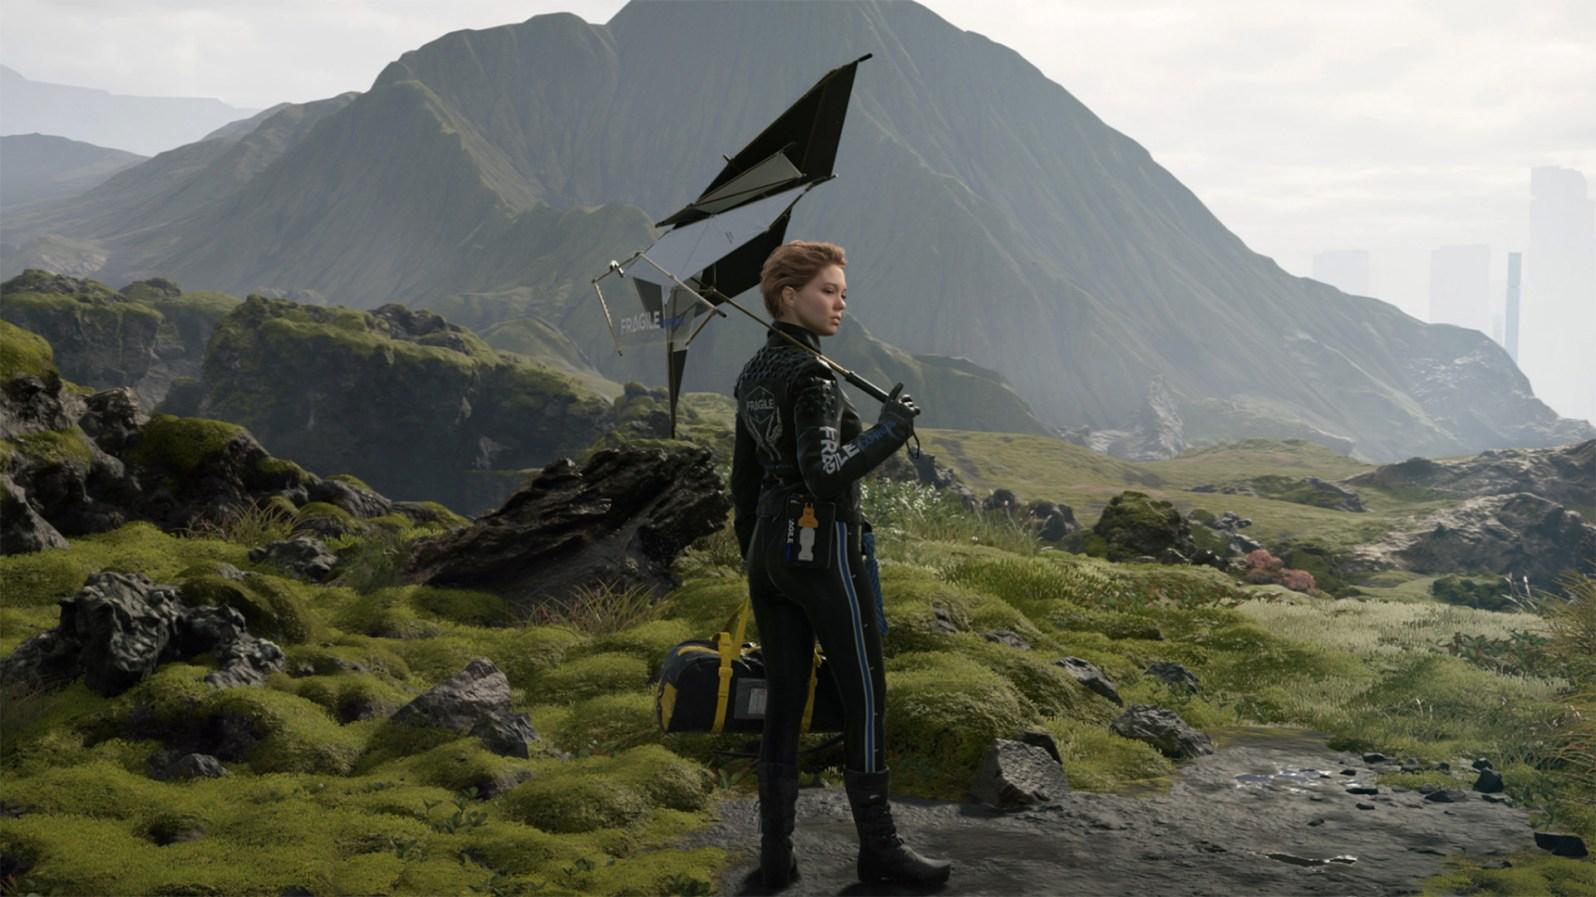 Léa Seydoux posiert mit ihrem futuristischen Outifit in der von Moos überwucherten Landschaft.